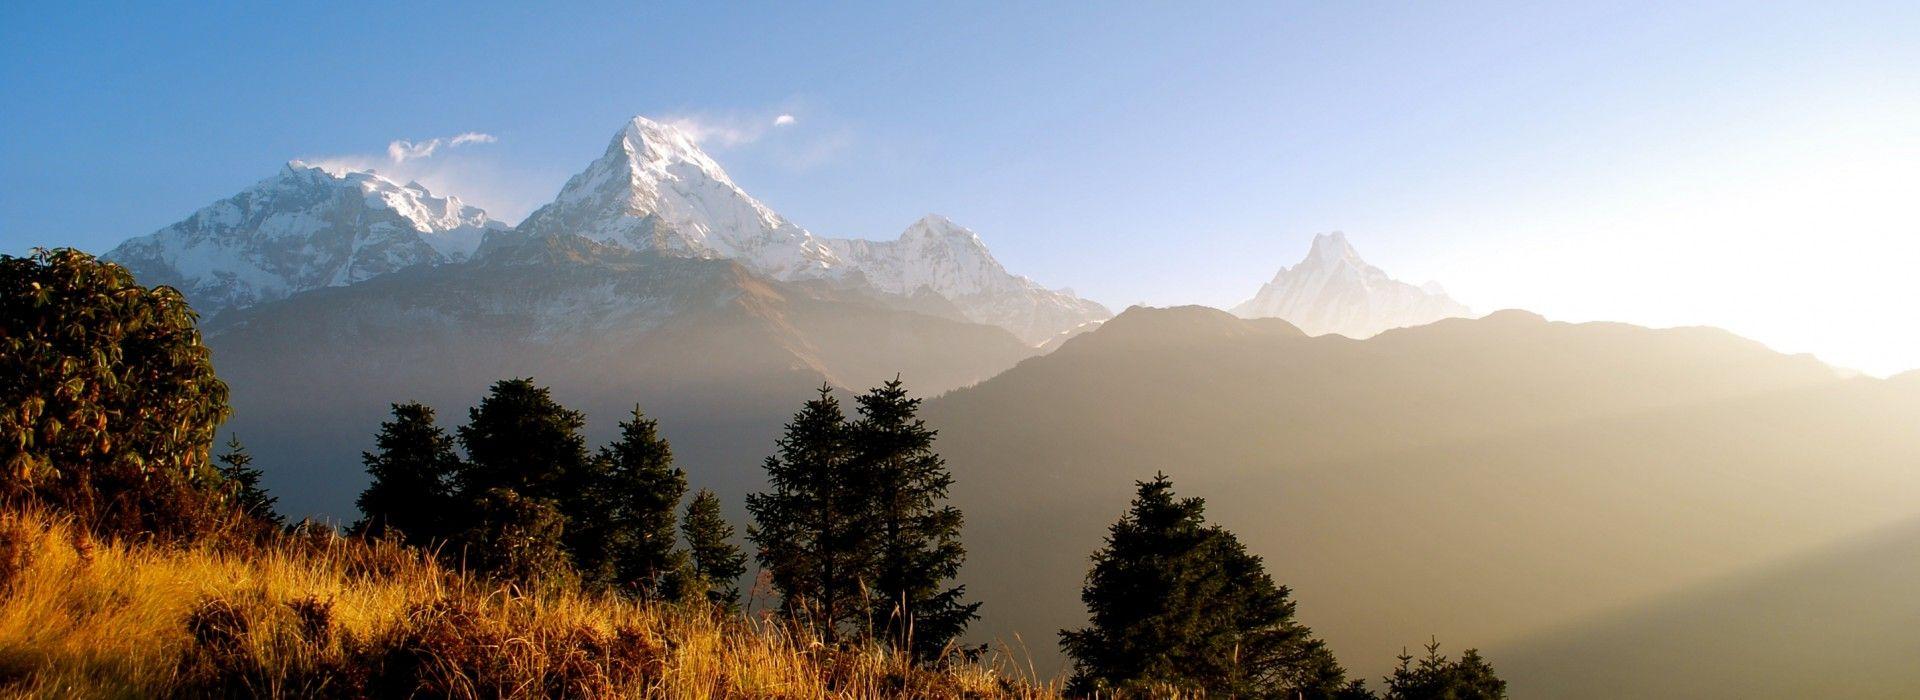 Trekking Tours in Ganesh Himal